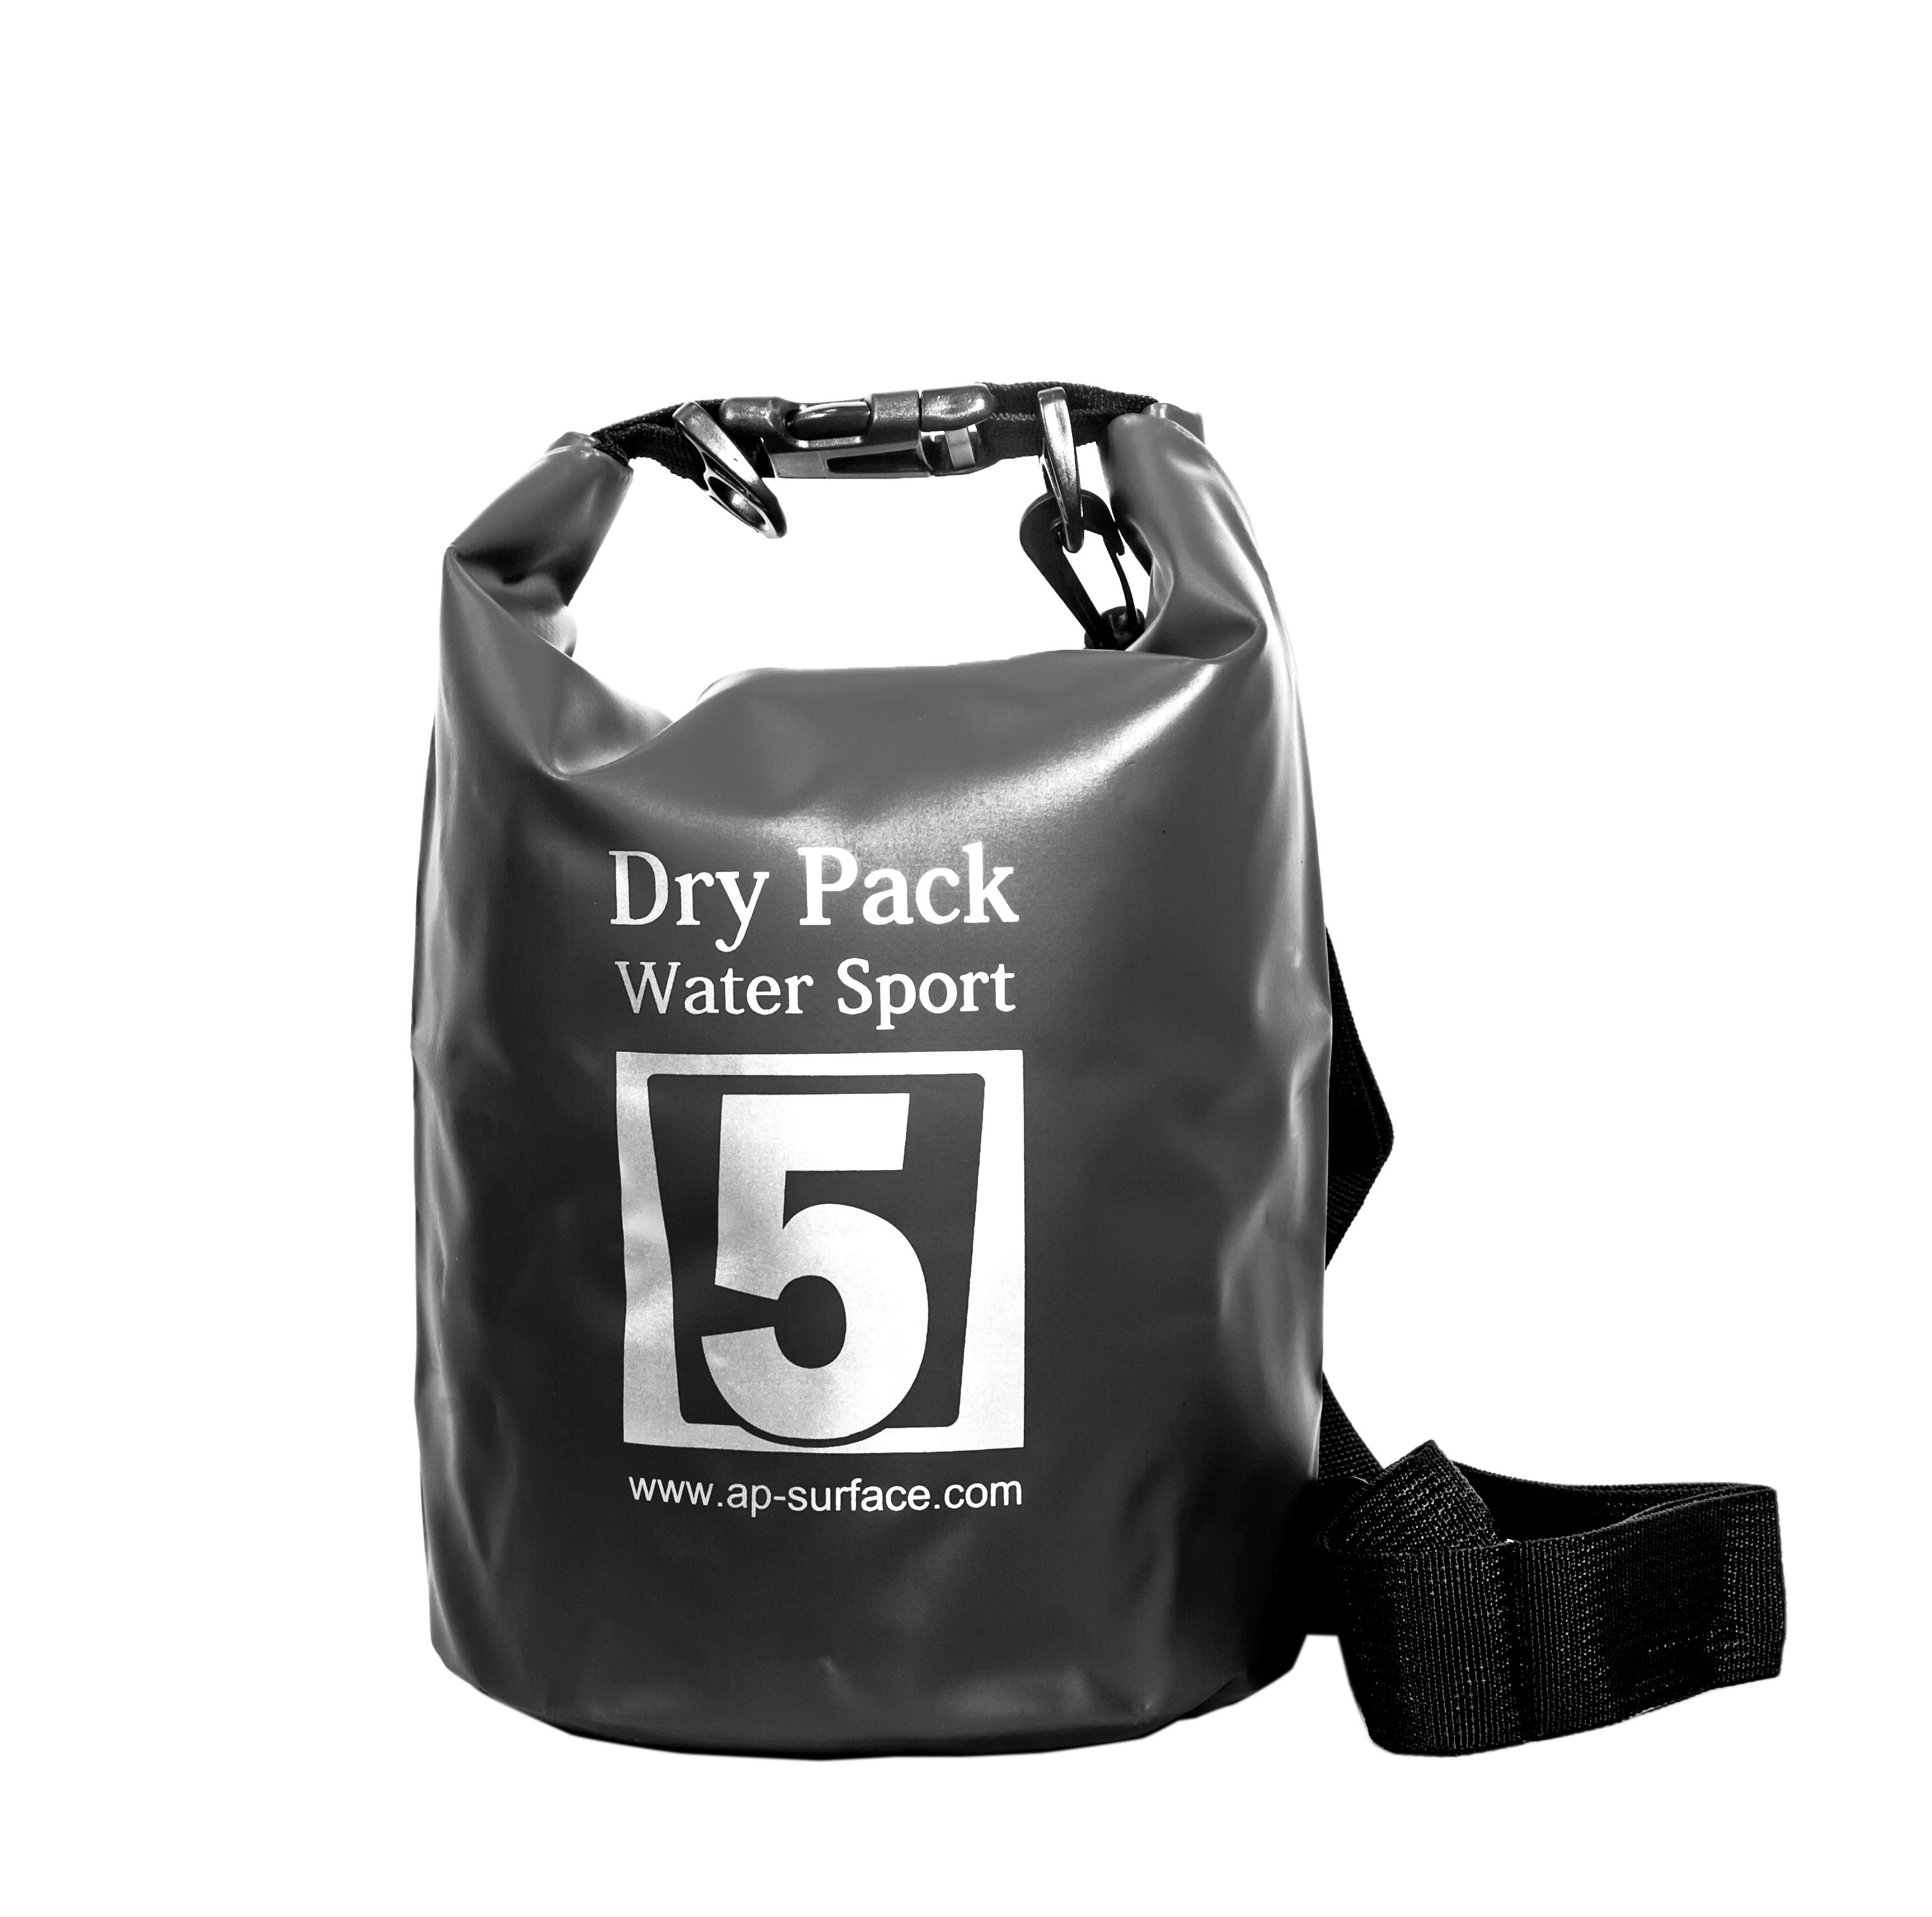 กระเป๋ากันน้ำ Dry pack 5L-สีดำ